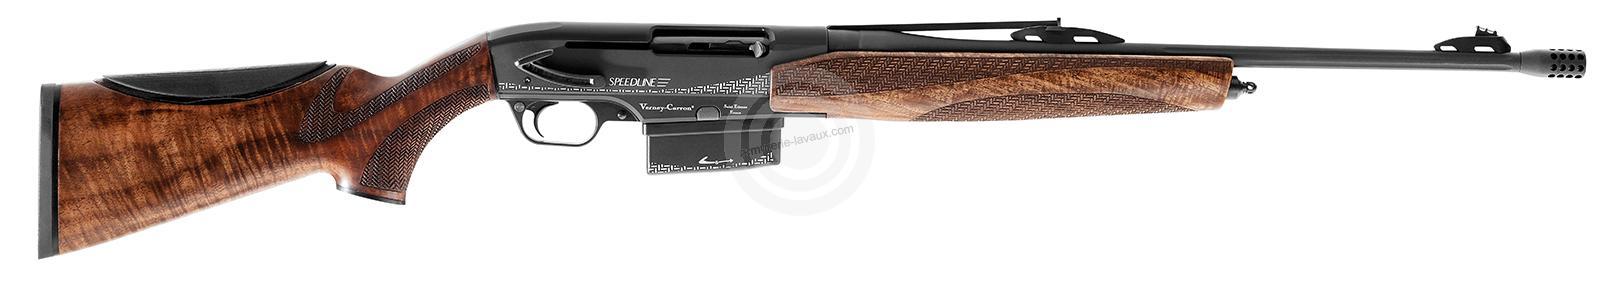 Carabine VERNEY CARRON Speedline cal.300 Win